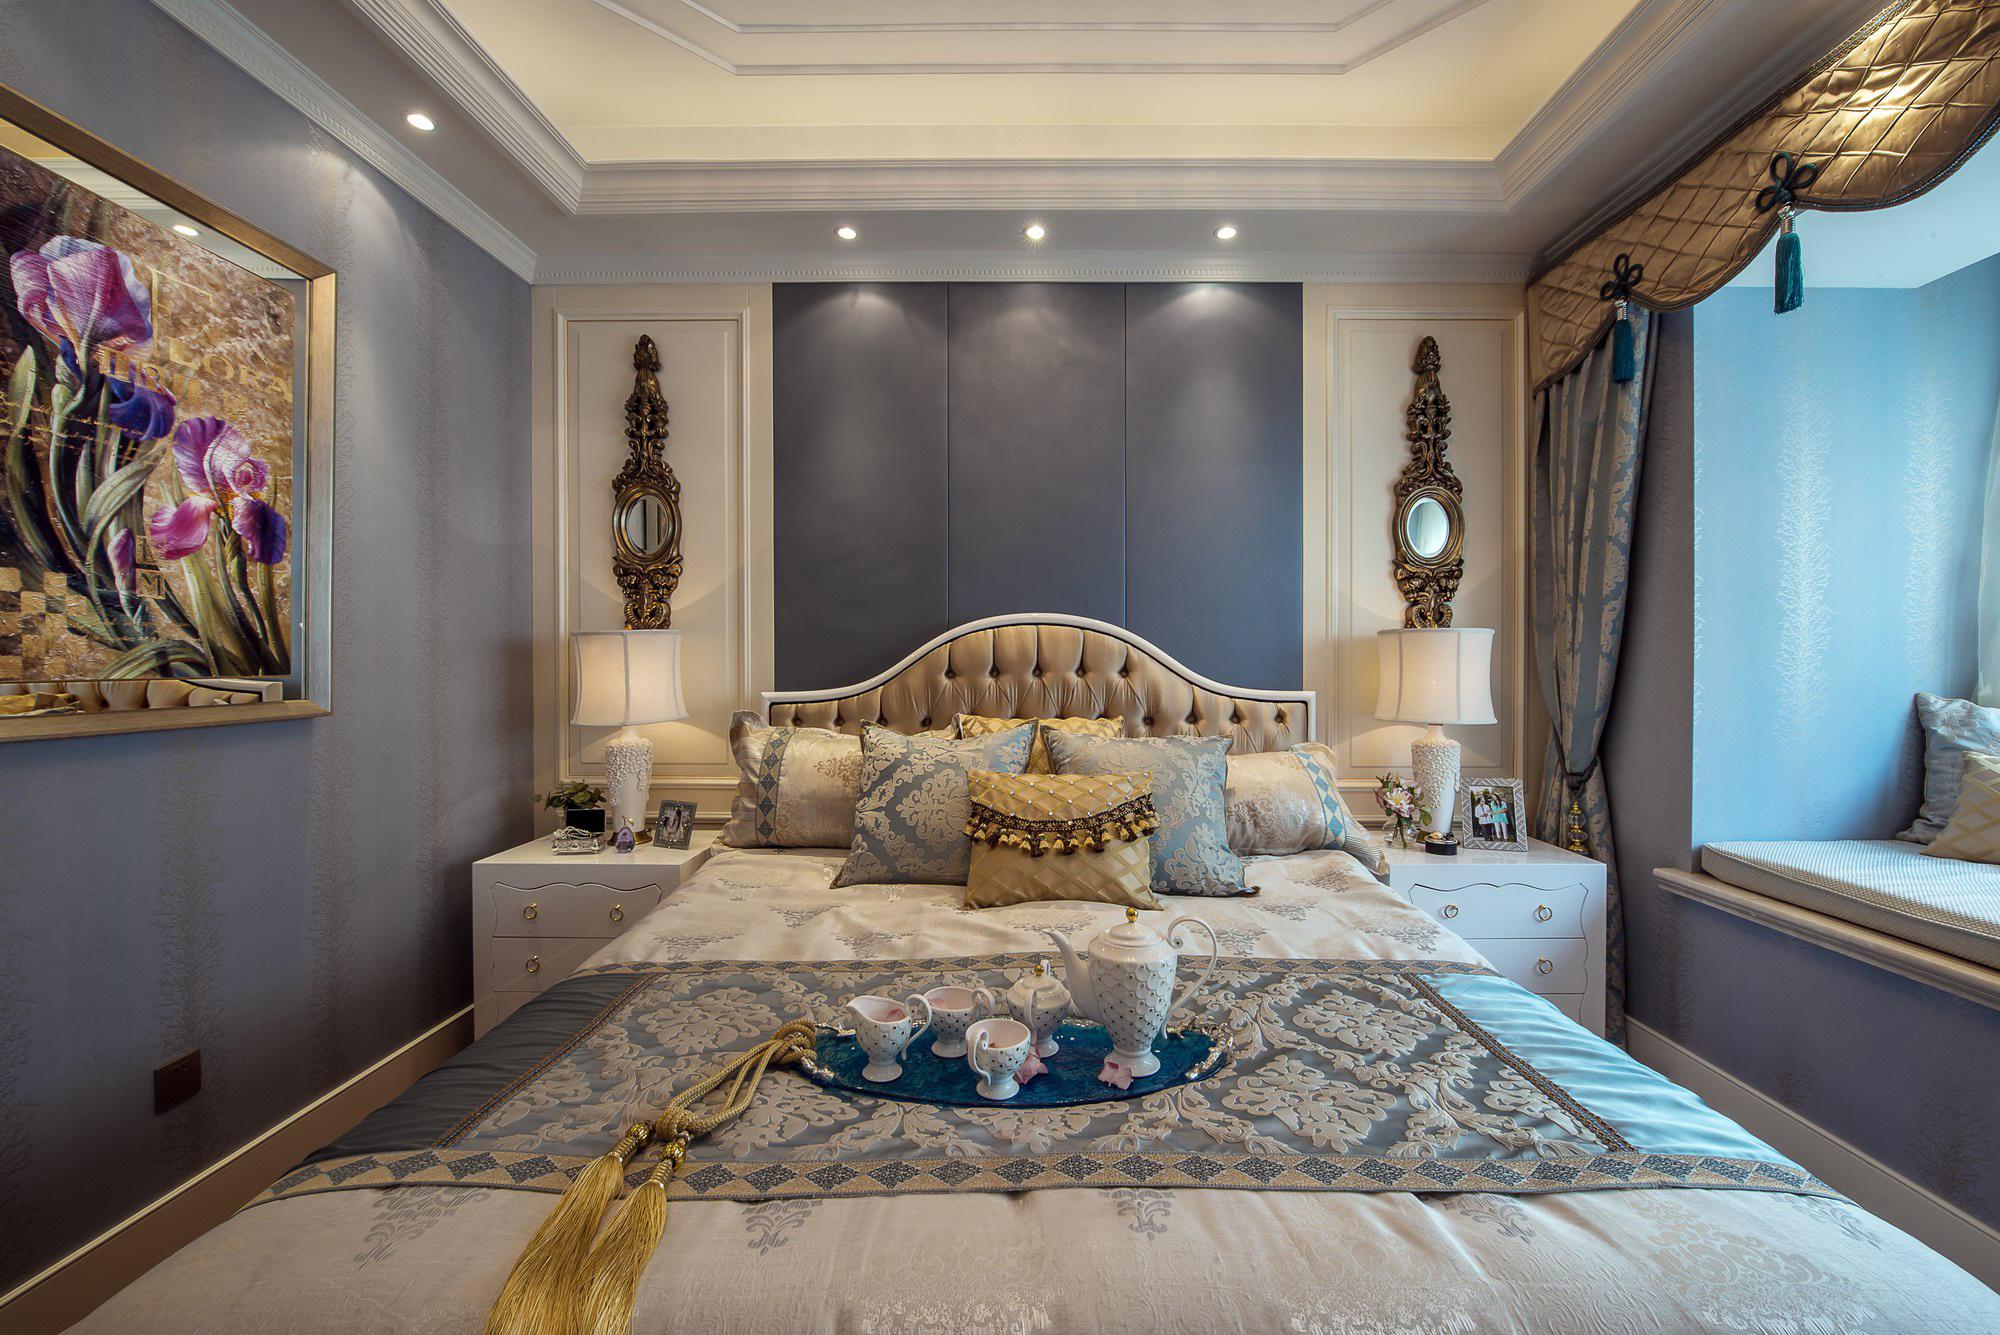 豪华美式风格别墅卧室装修效果图